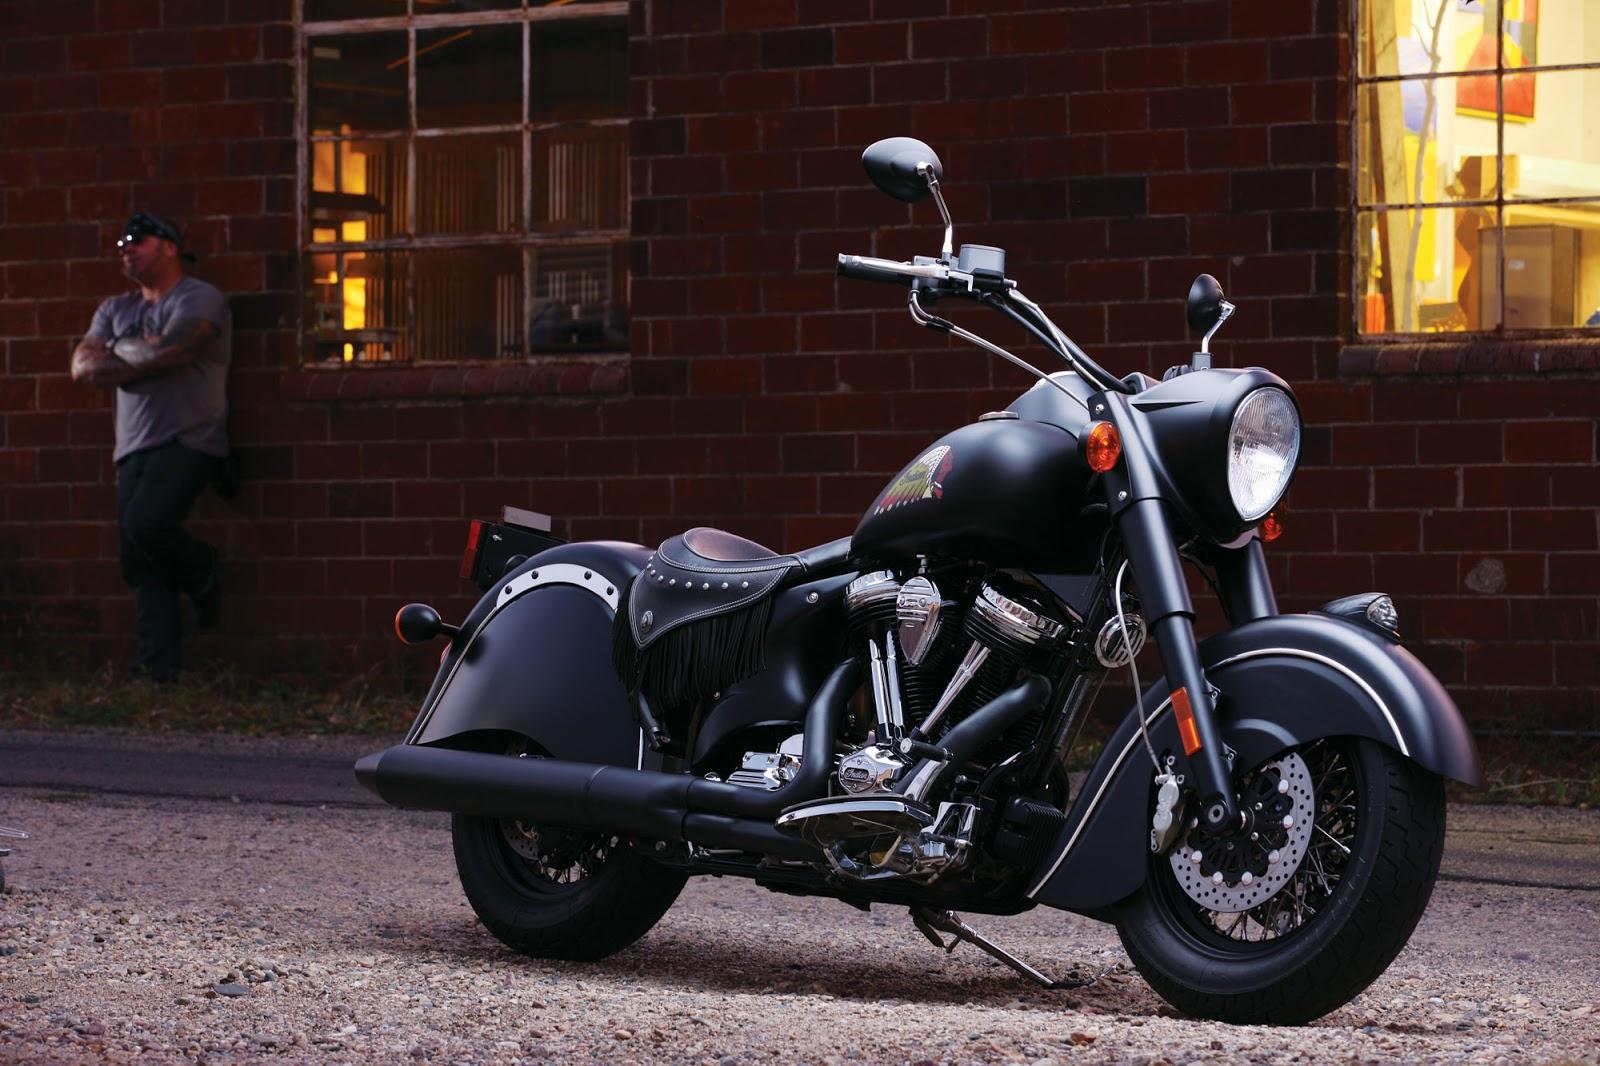 Harley Softail Slim >> Motos: Indian Chief Dark Horse